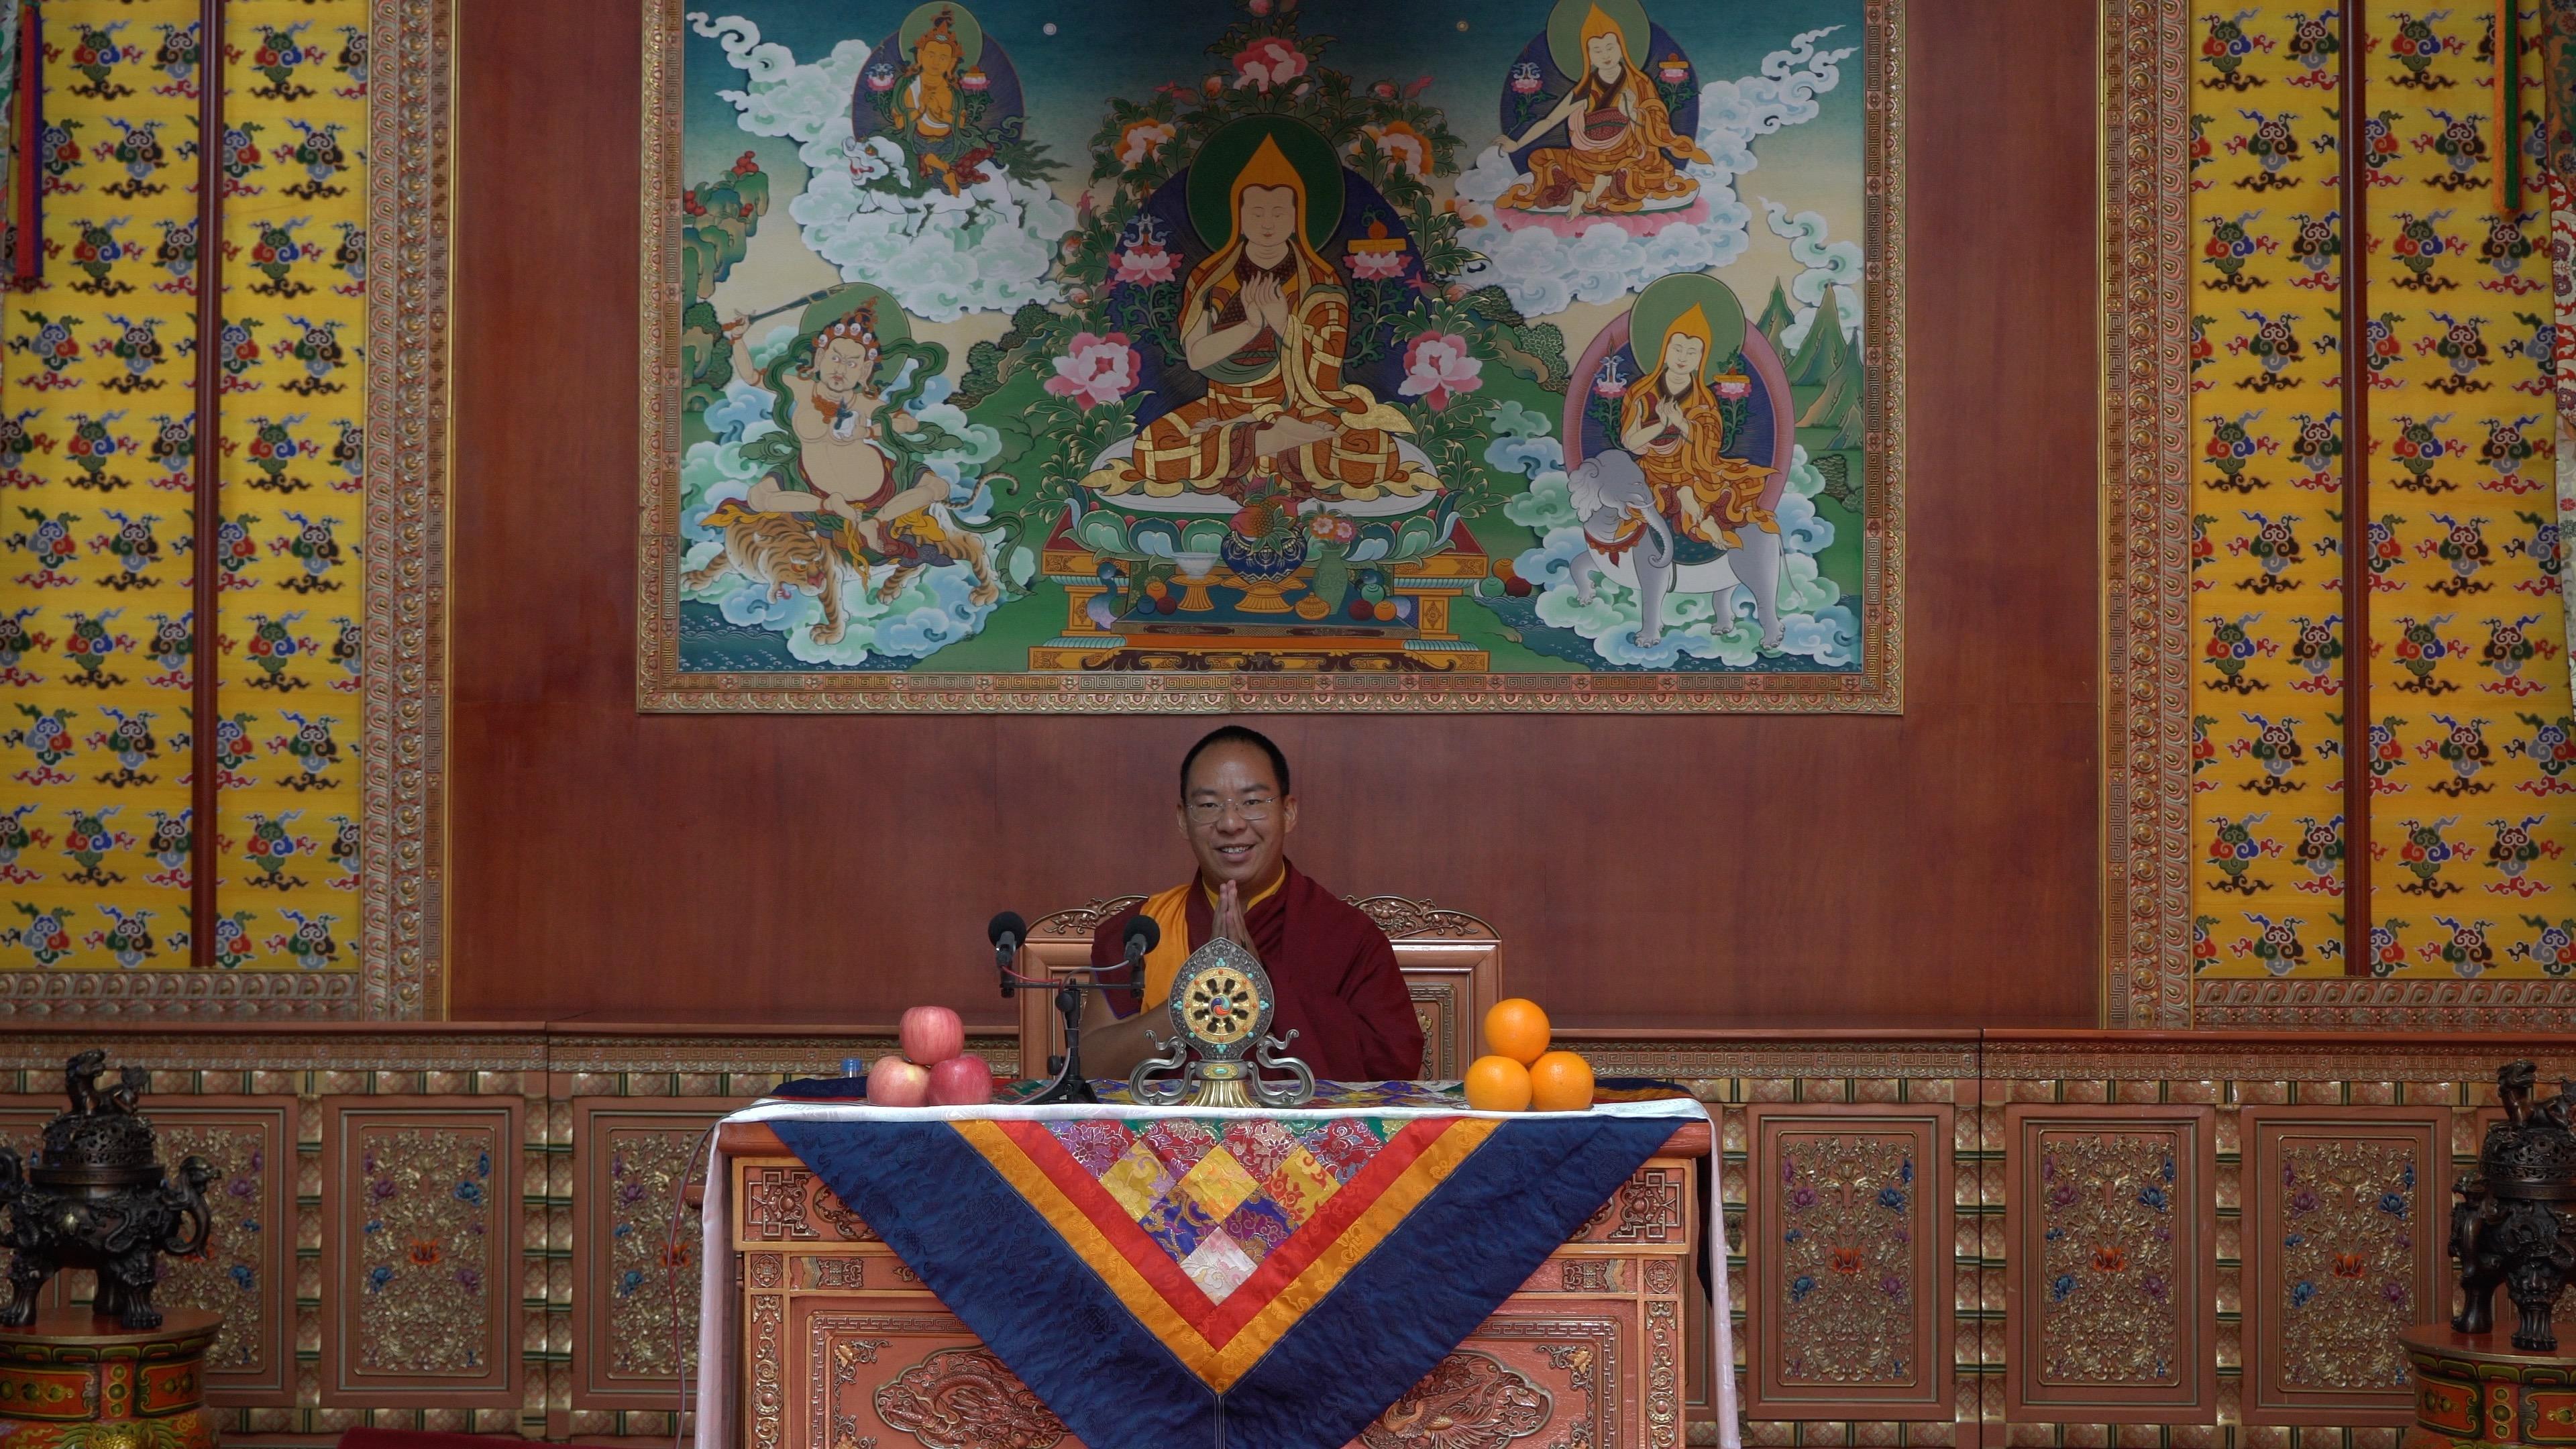 [Video]  Penchen Lama begrüßt das neue Jahr